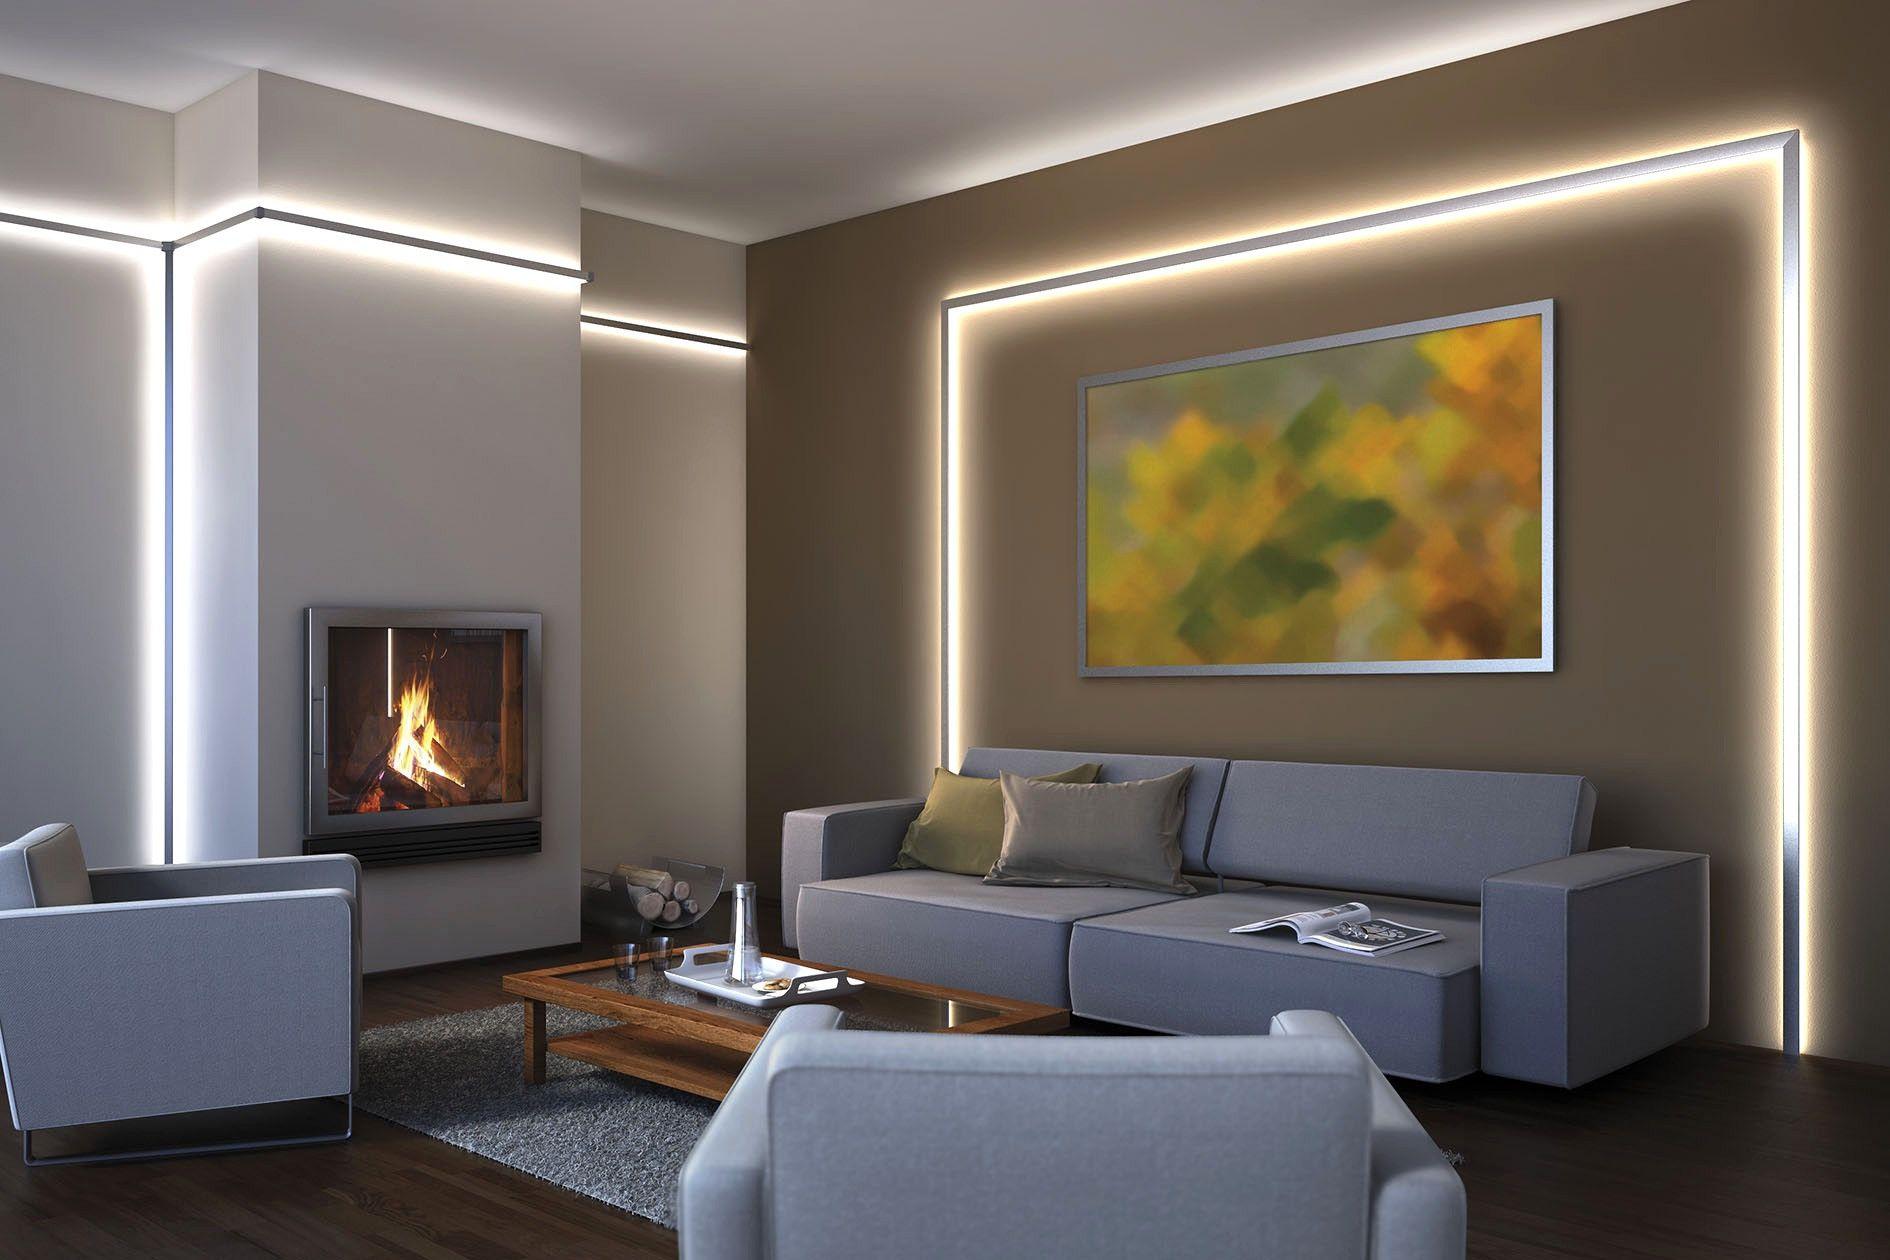 Indirektes Licht Ideen Beleuchtung Wohnzimmer Indirekte